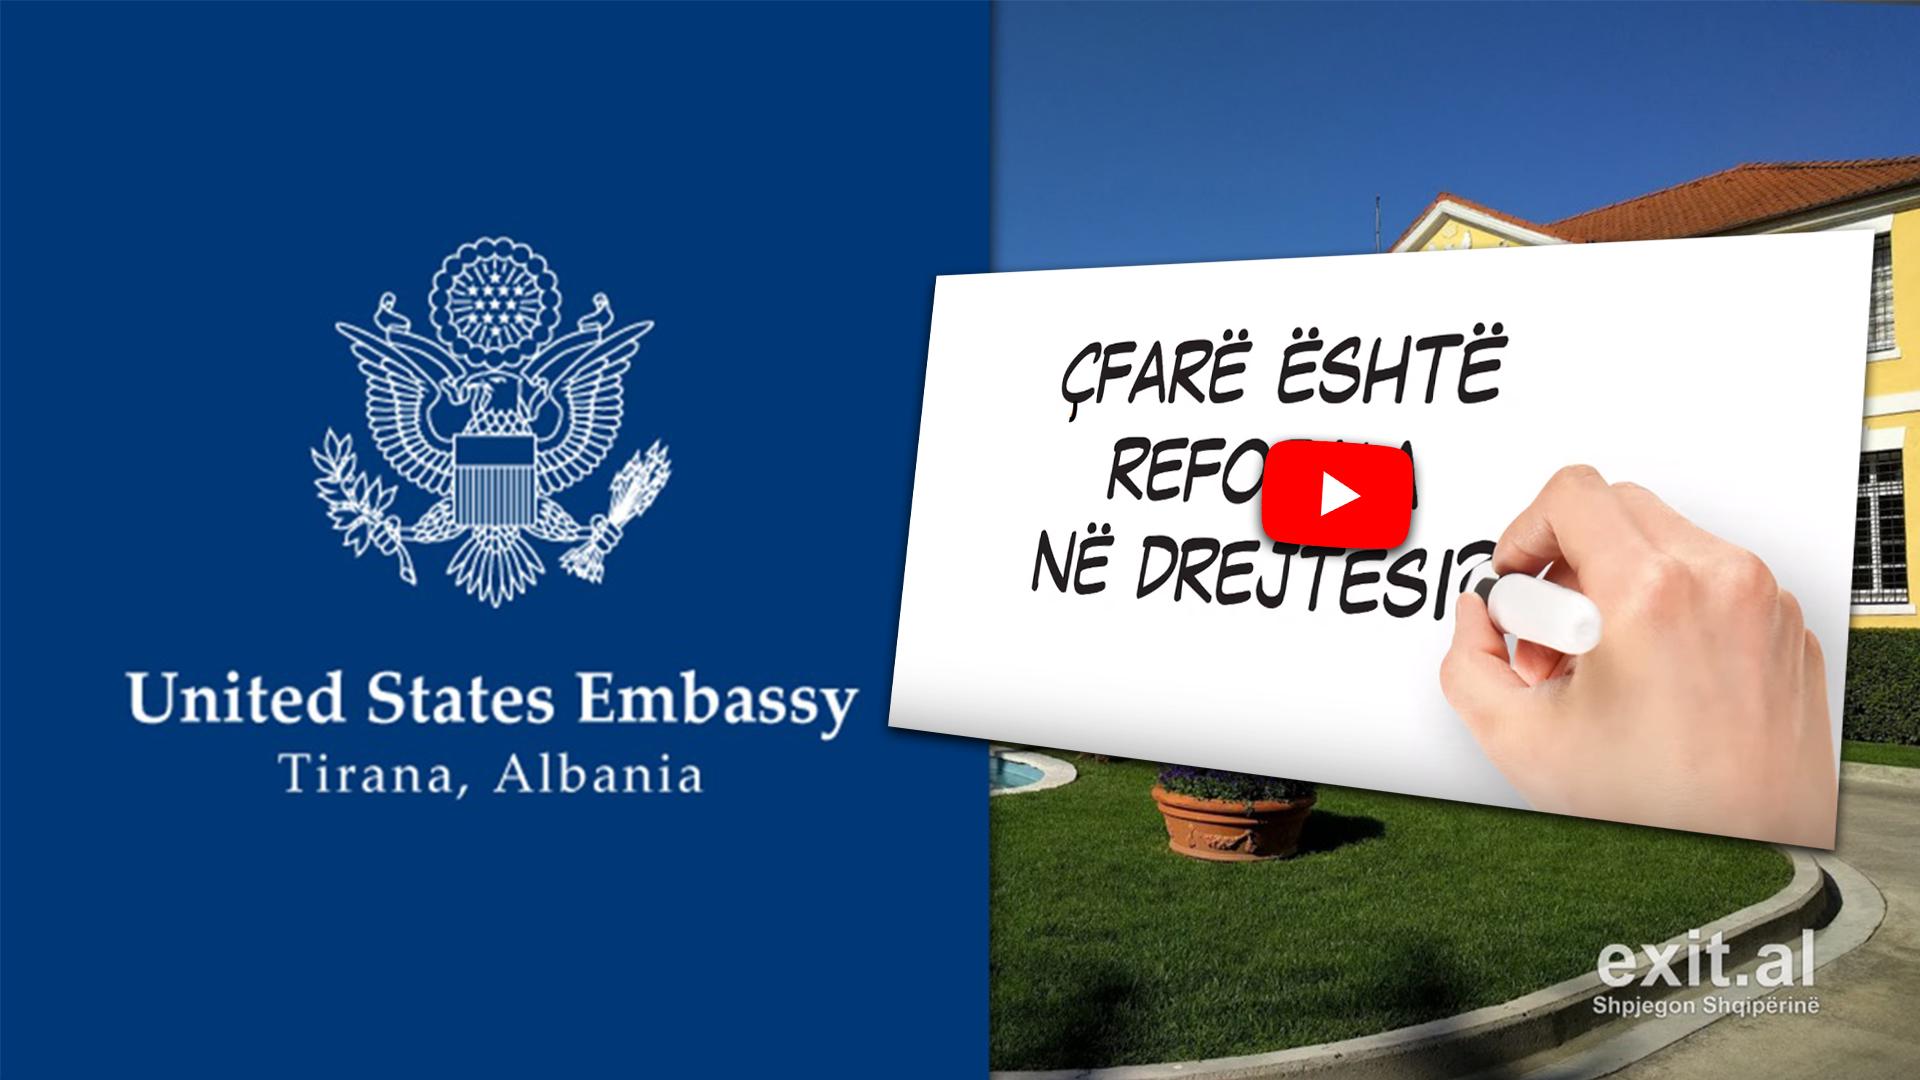 Ambasada Amerikane, të gjitha videot propagandistike për reformën në drejtësi